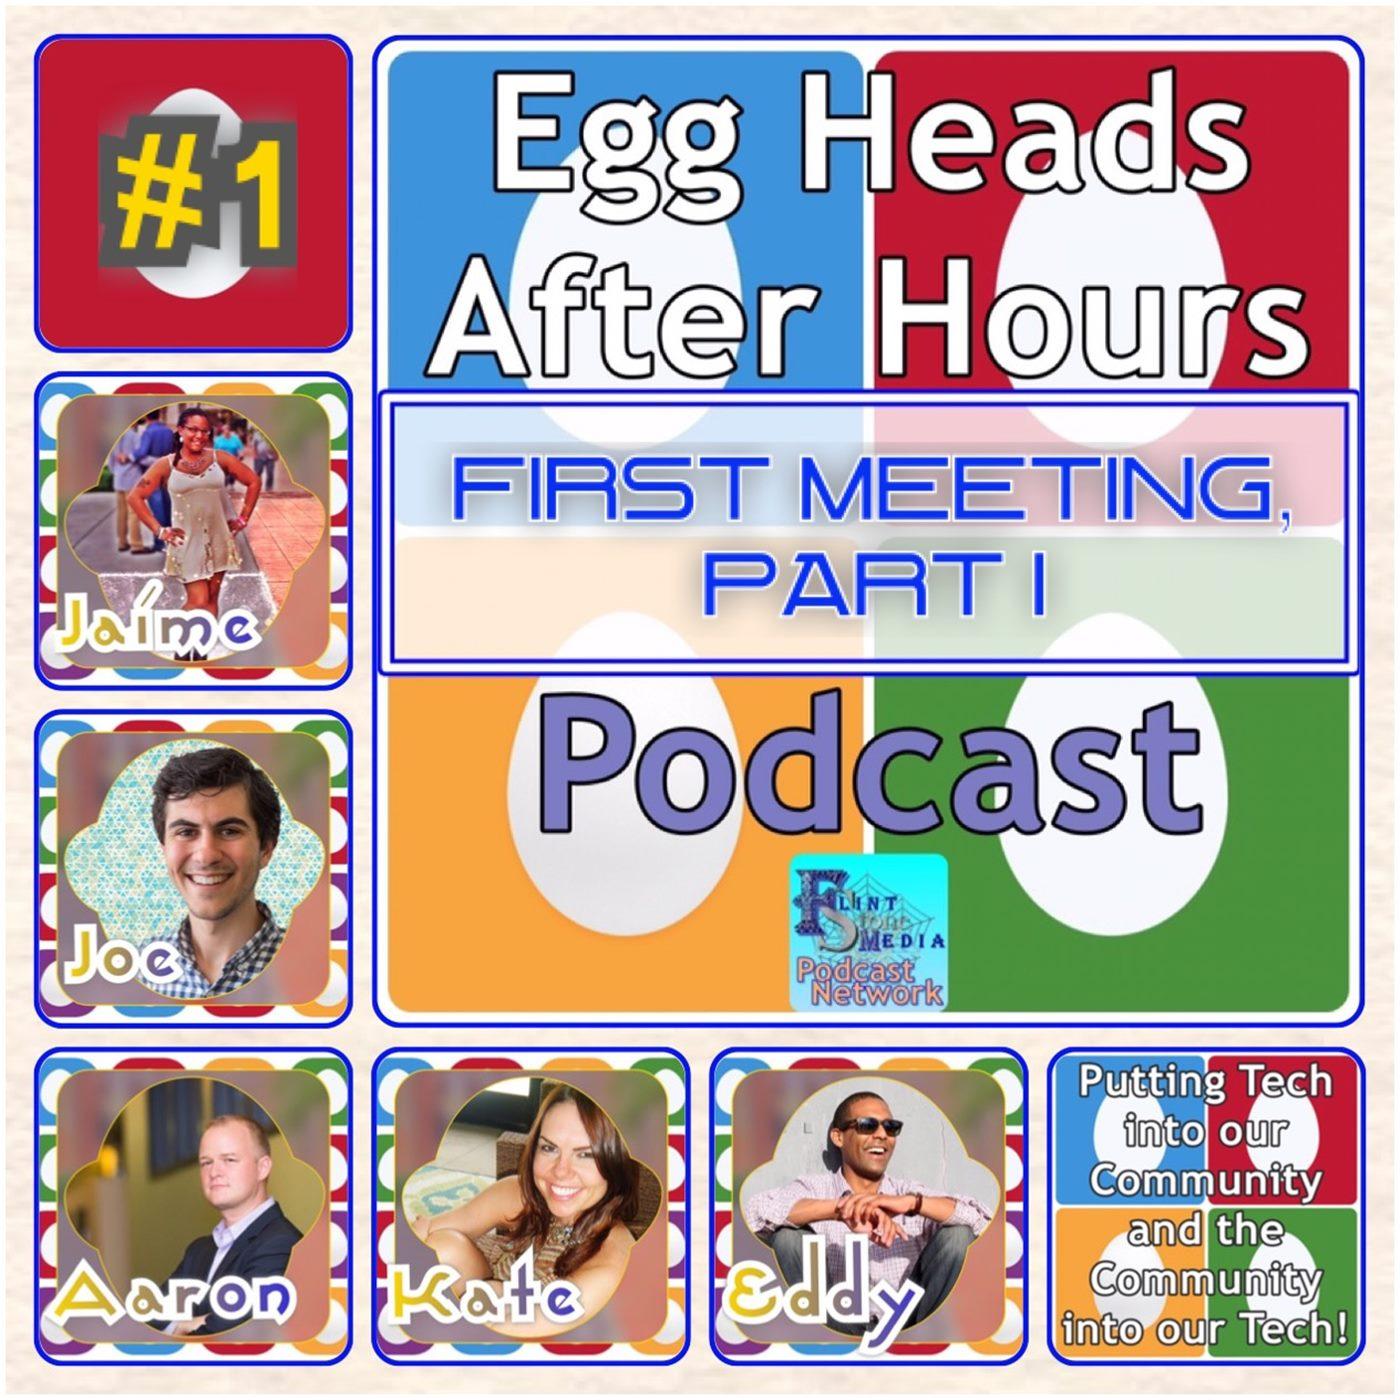 Egg Heads After Hours Podcast Episode #1 Teaser